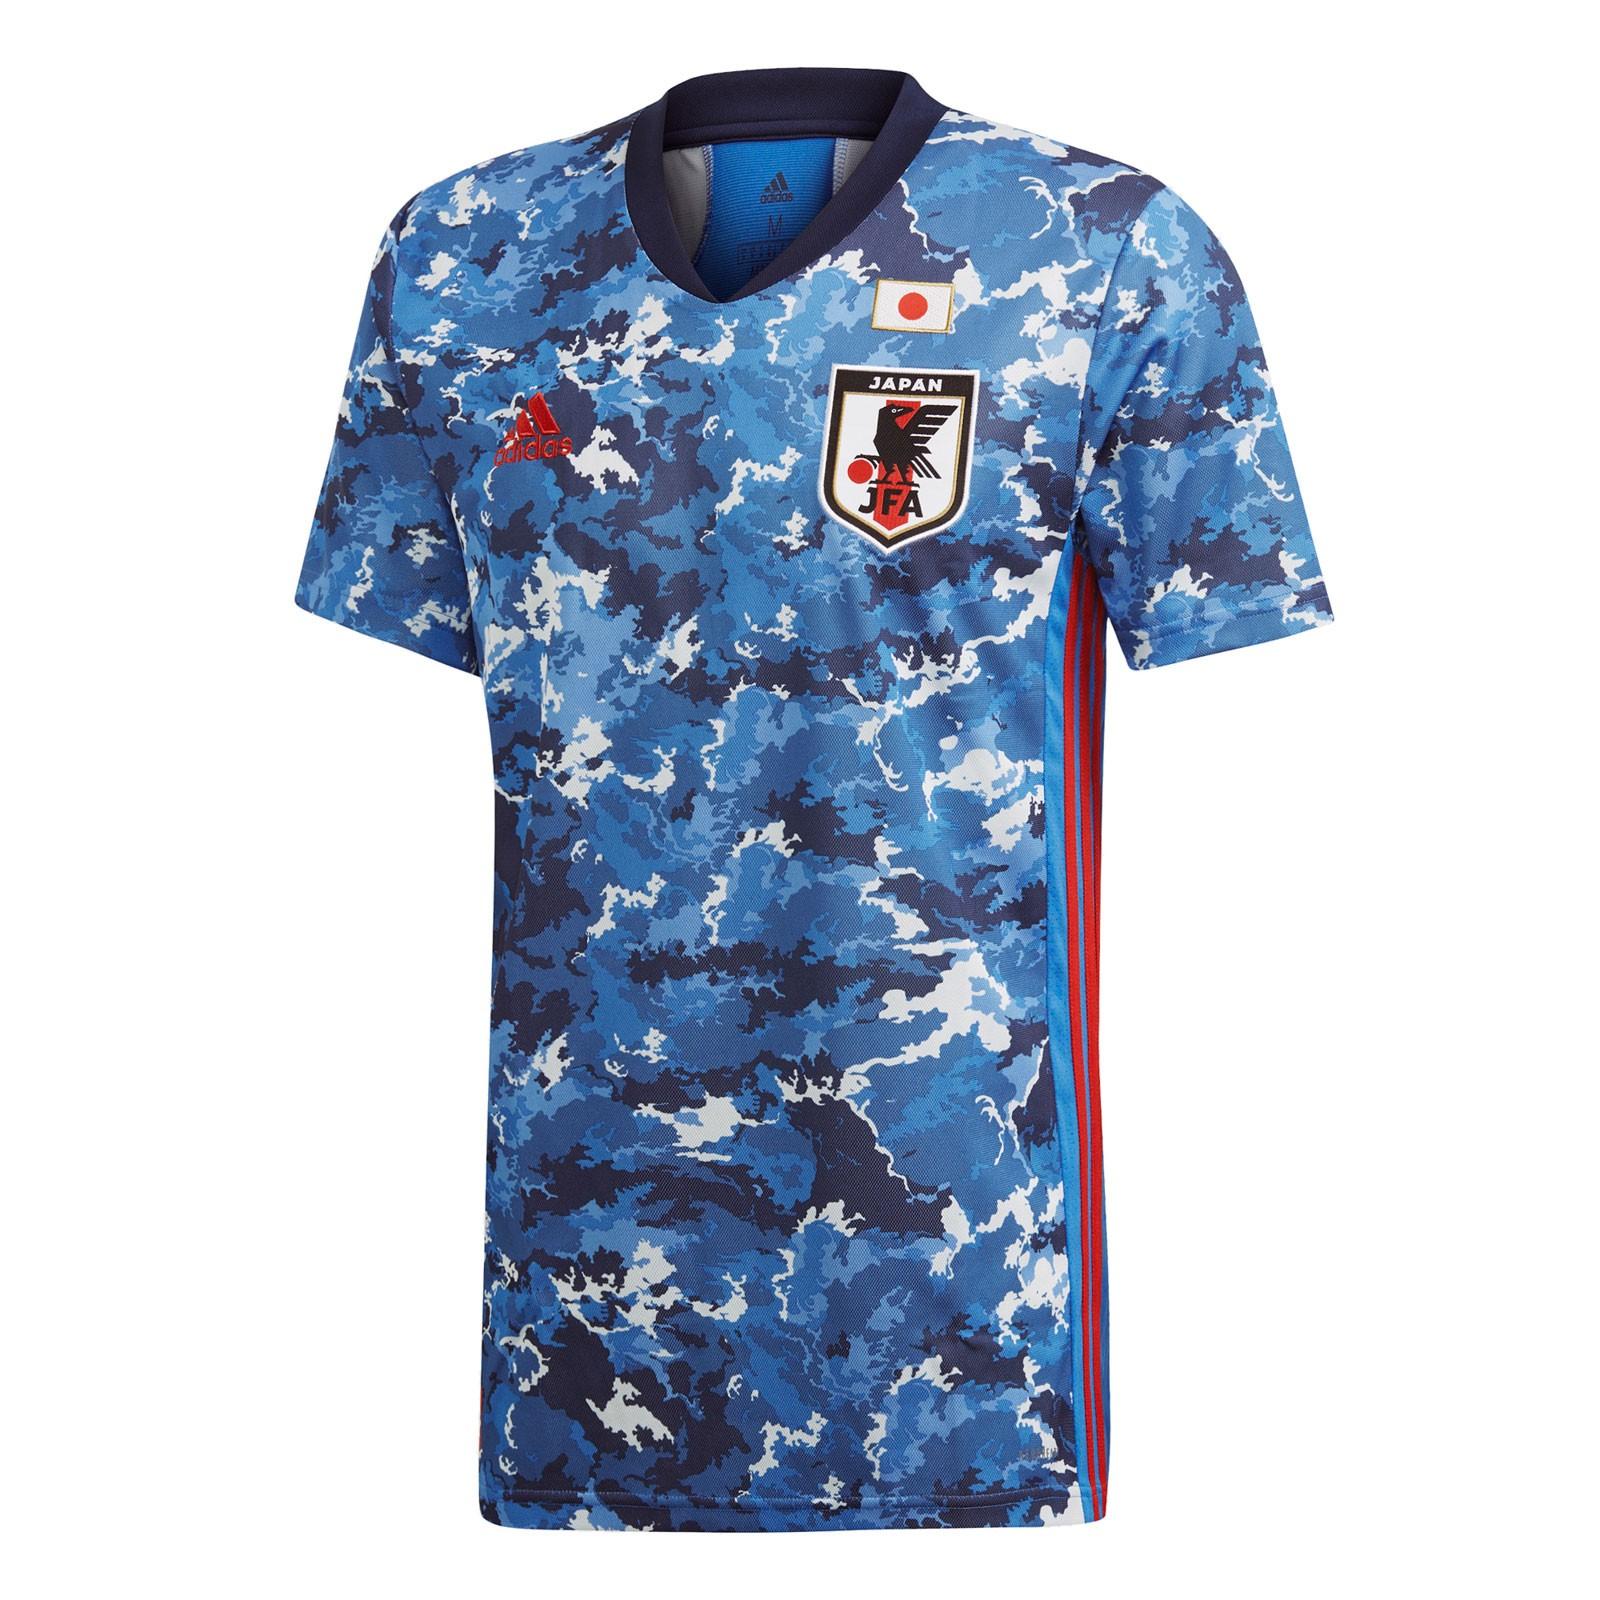 日本国家队2020赛季球迷版主场球衣